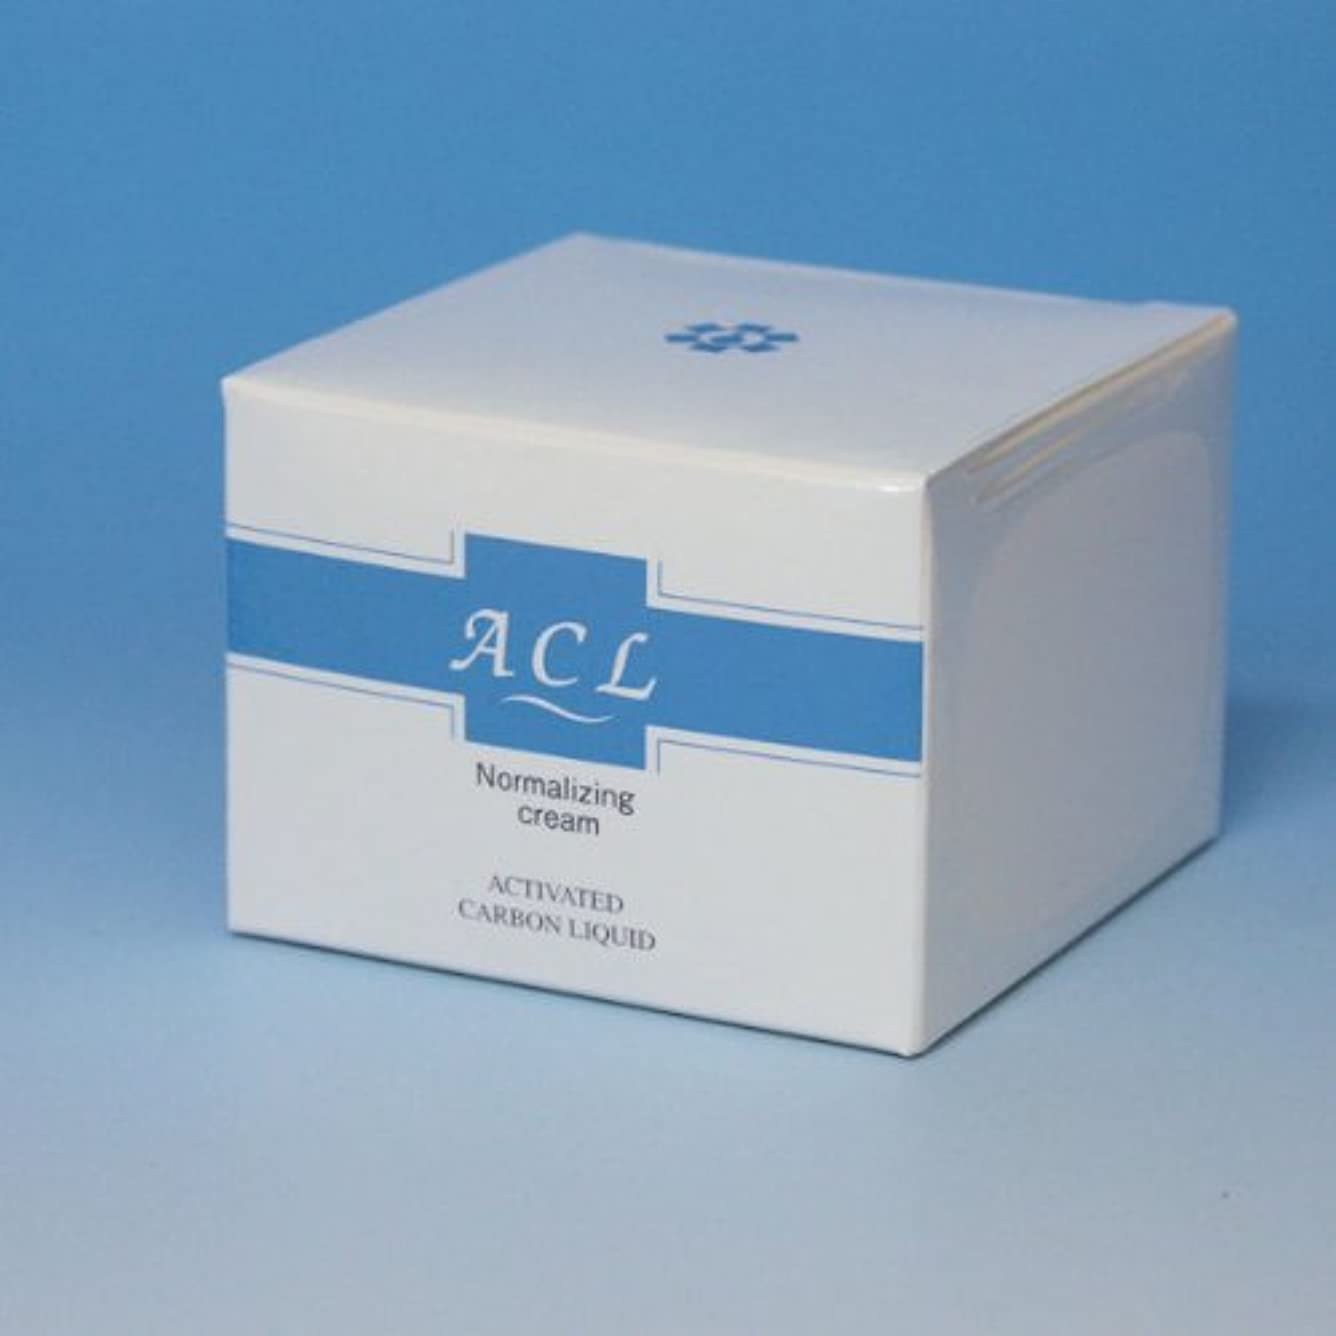 社会悲しい変化する【日邦薬品】ACLノーマライジングクリーム 30g